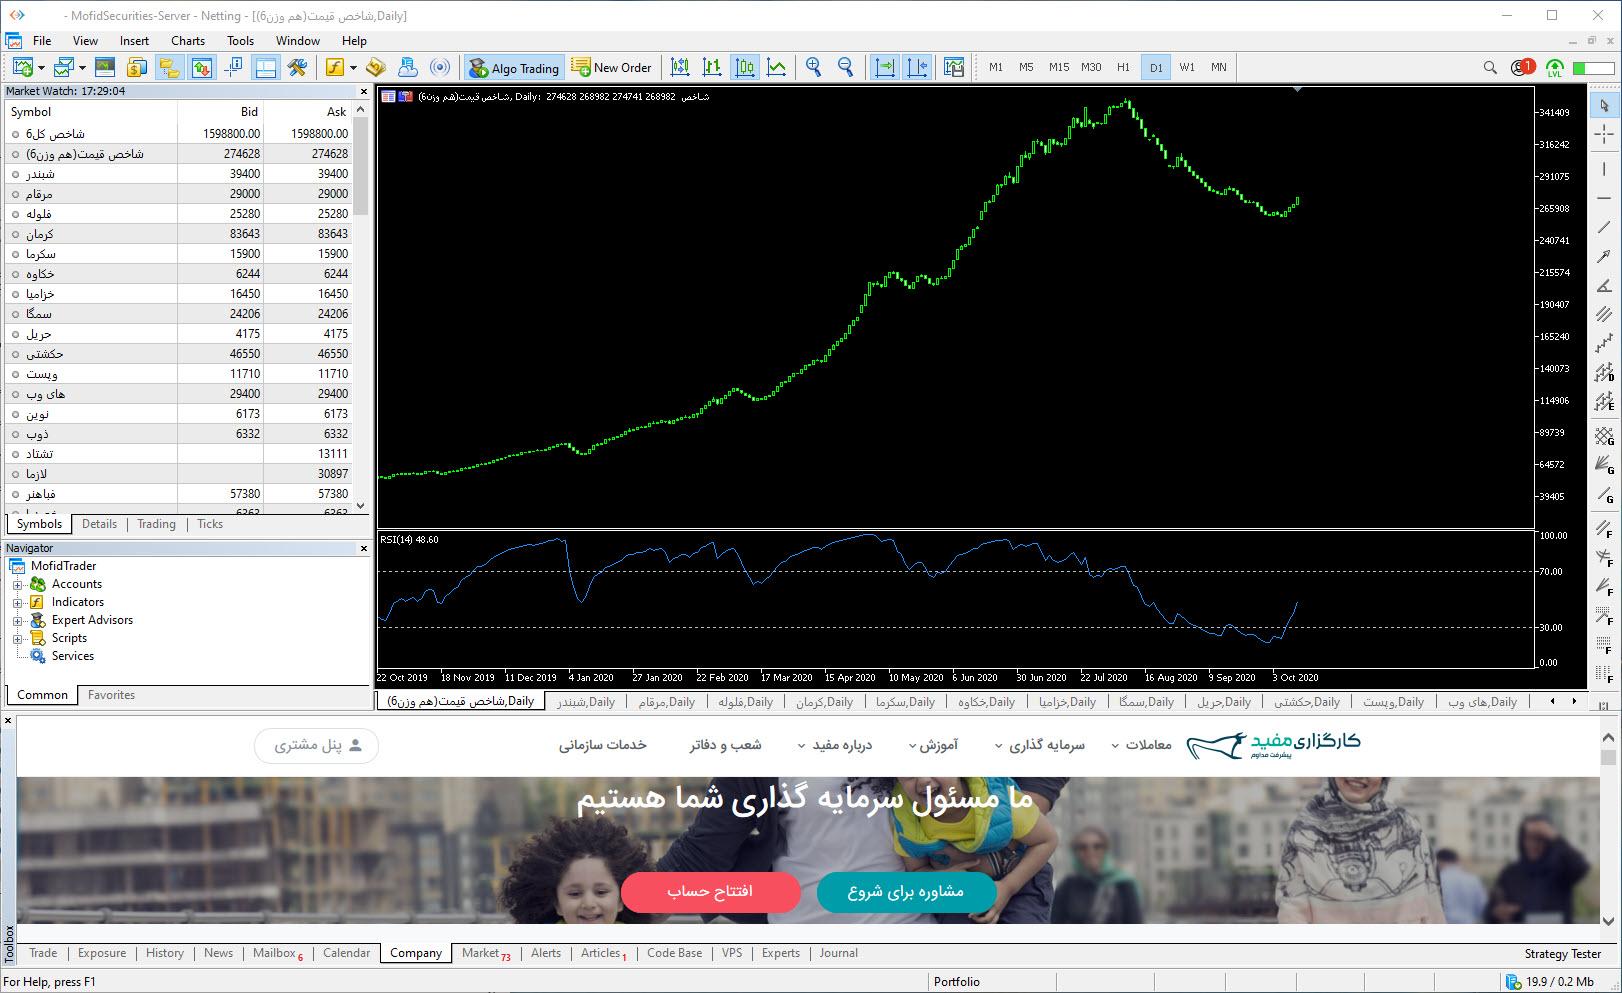 نرم افزار مفیدتریدر | متاتریدر 5 برای بورس ایران